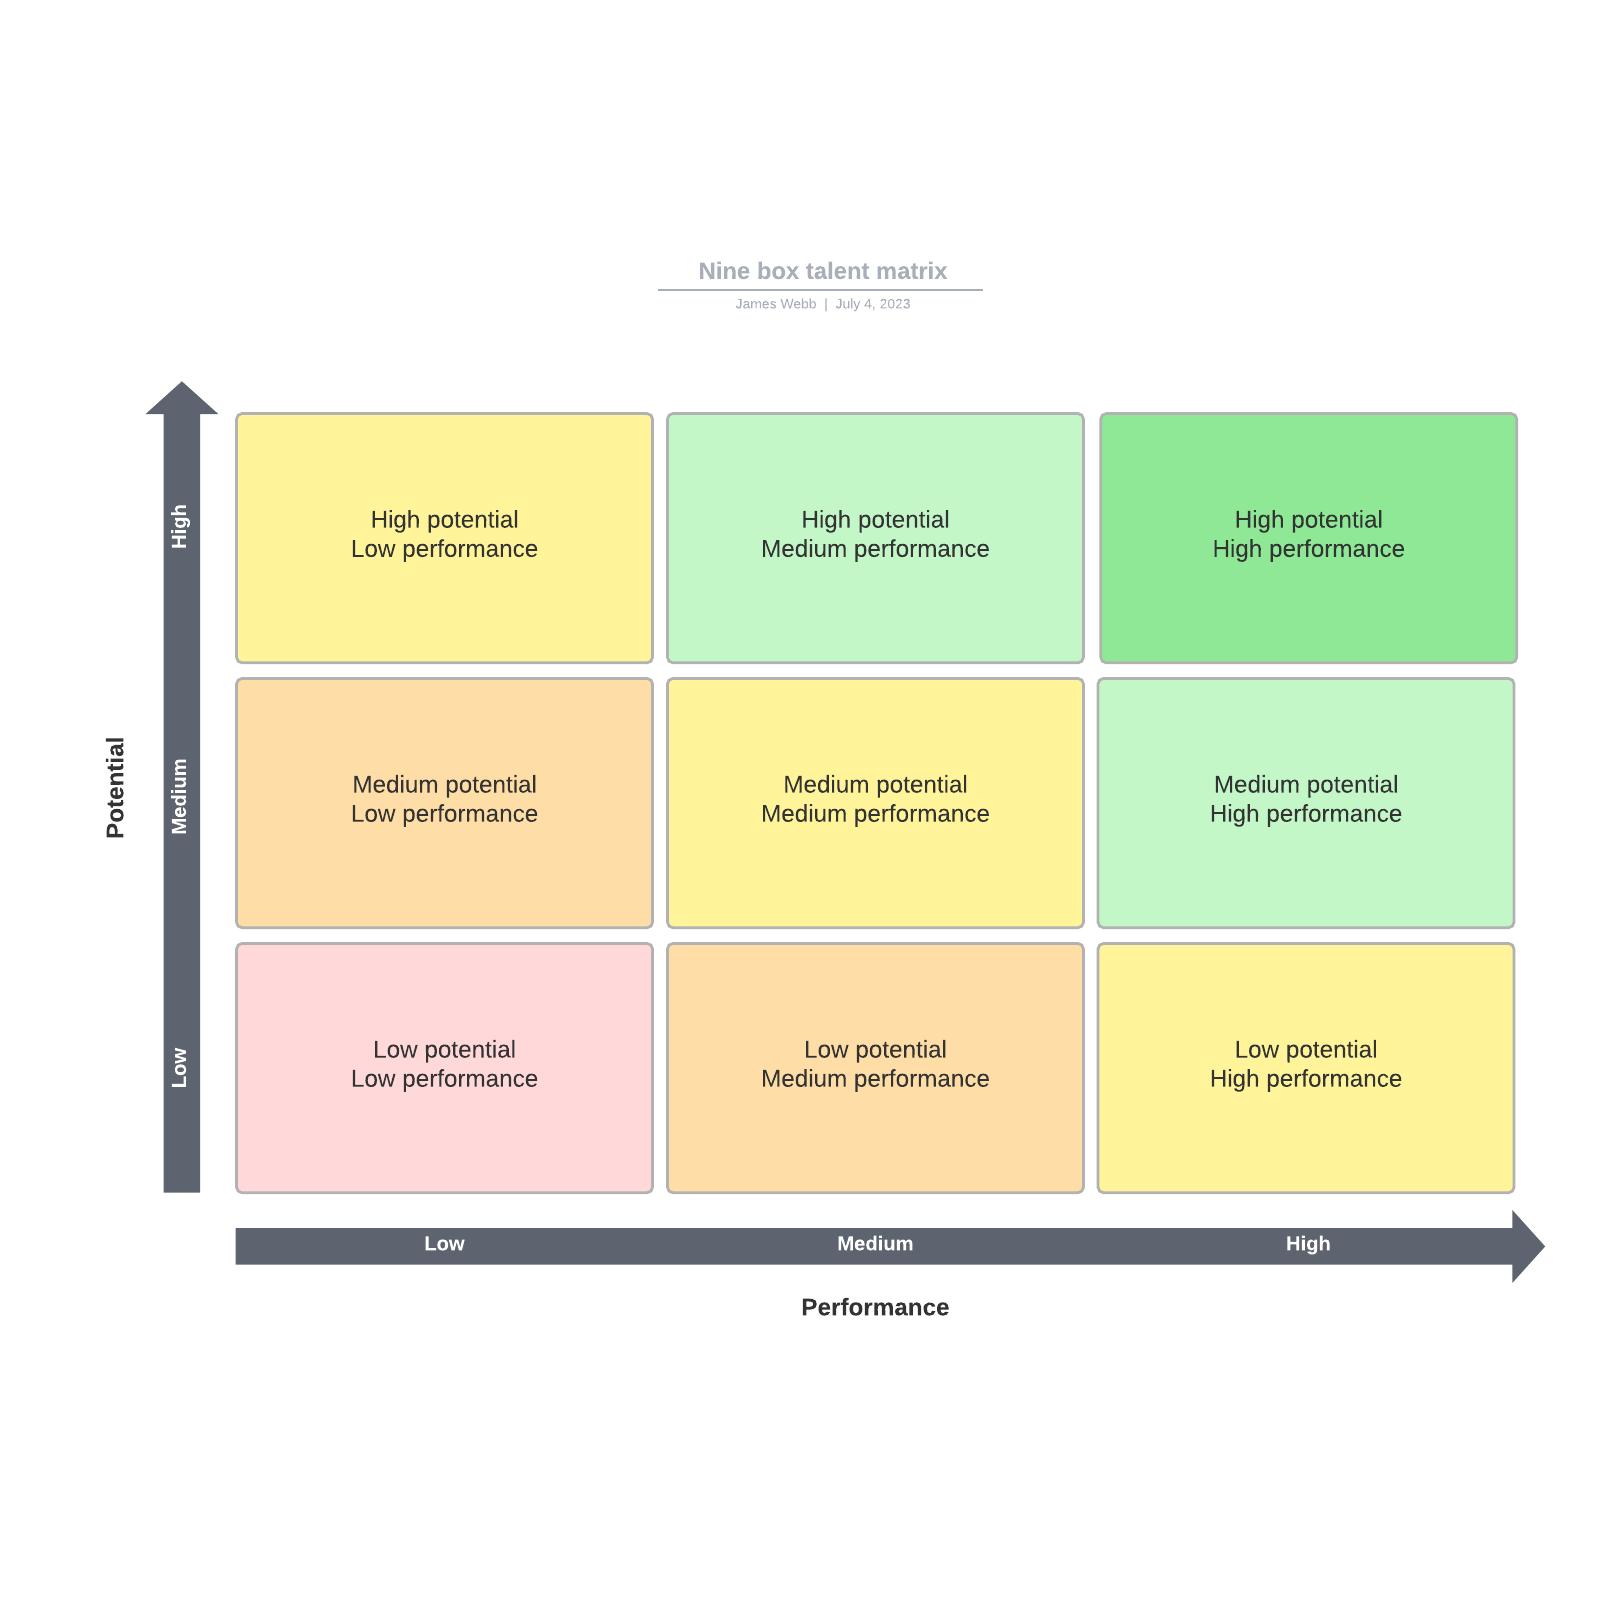 Nine box talent matrix